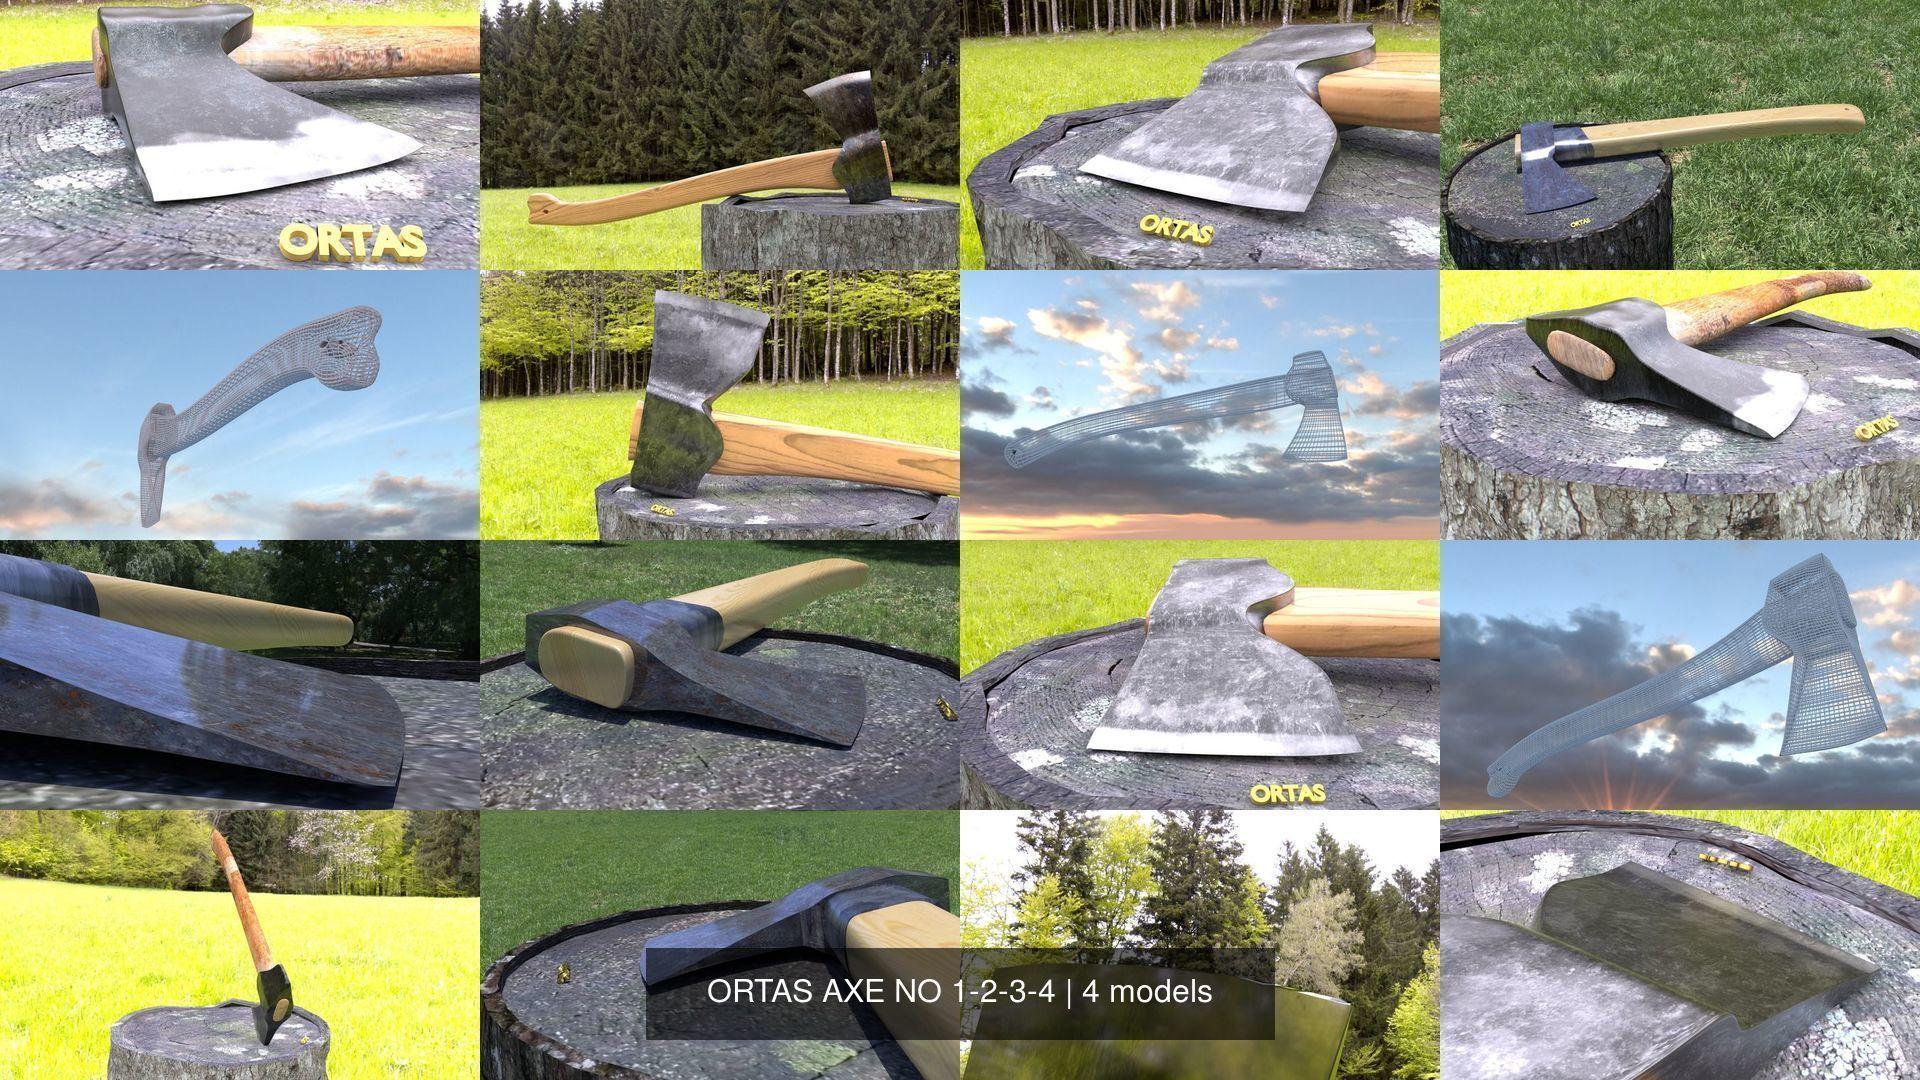 ORTAS AXE NO 1-2-3-4